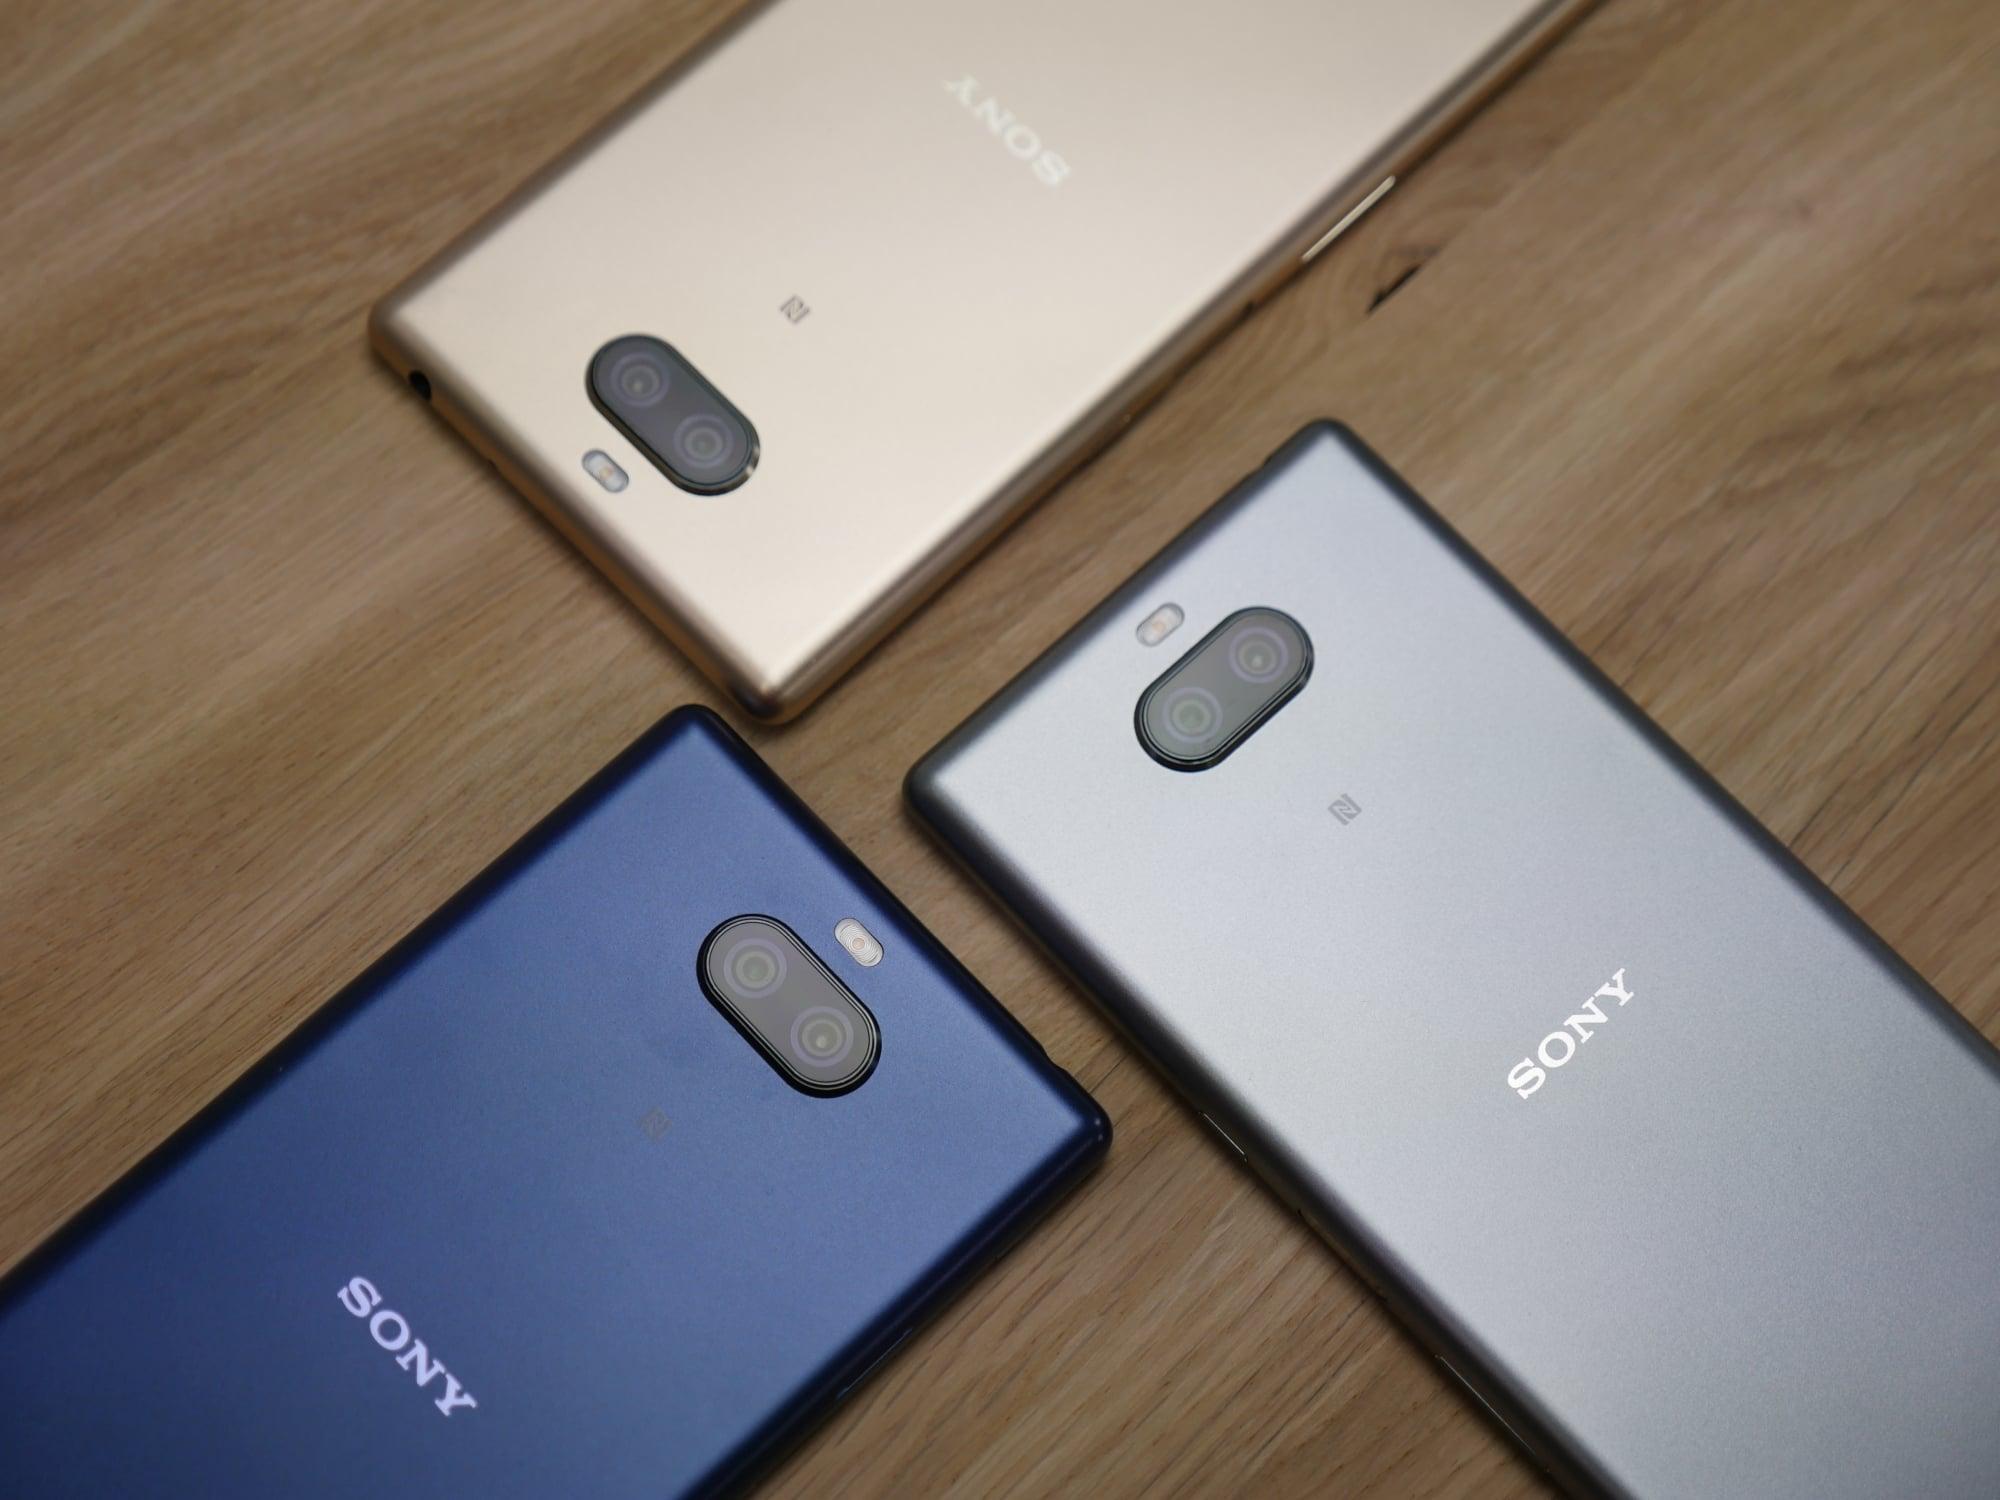 Sony stawia wszystko na kinową kartę: nowe smartfony z ekranami 21:9 25